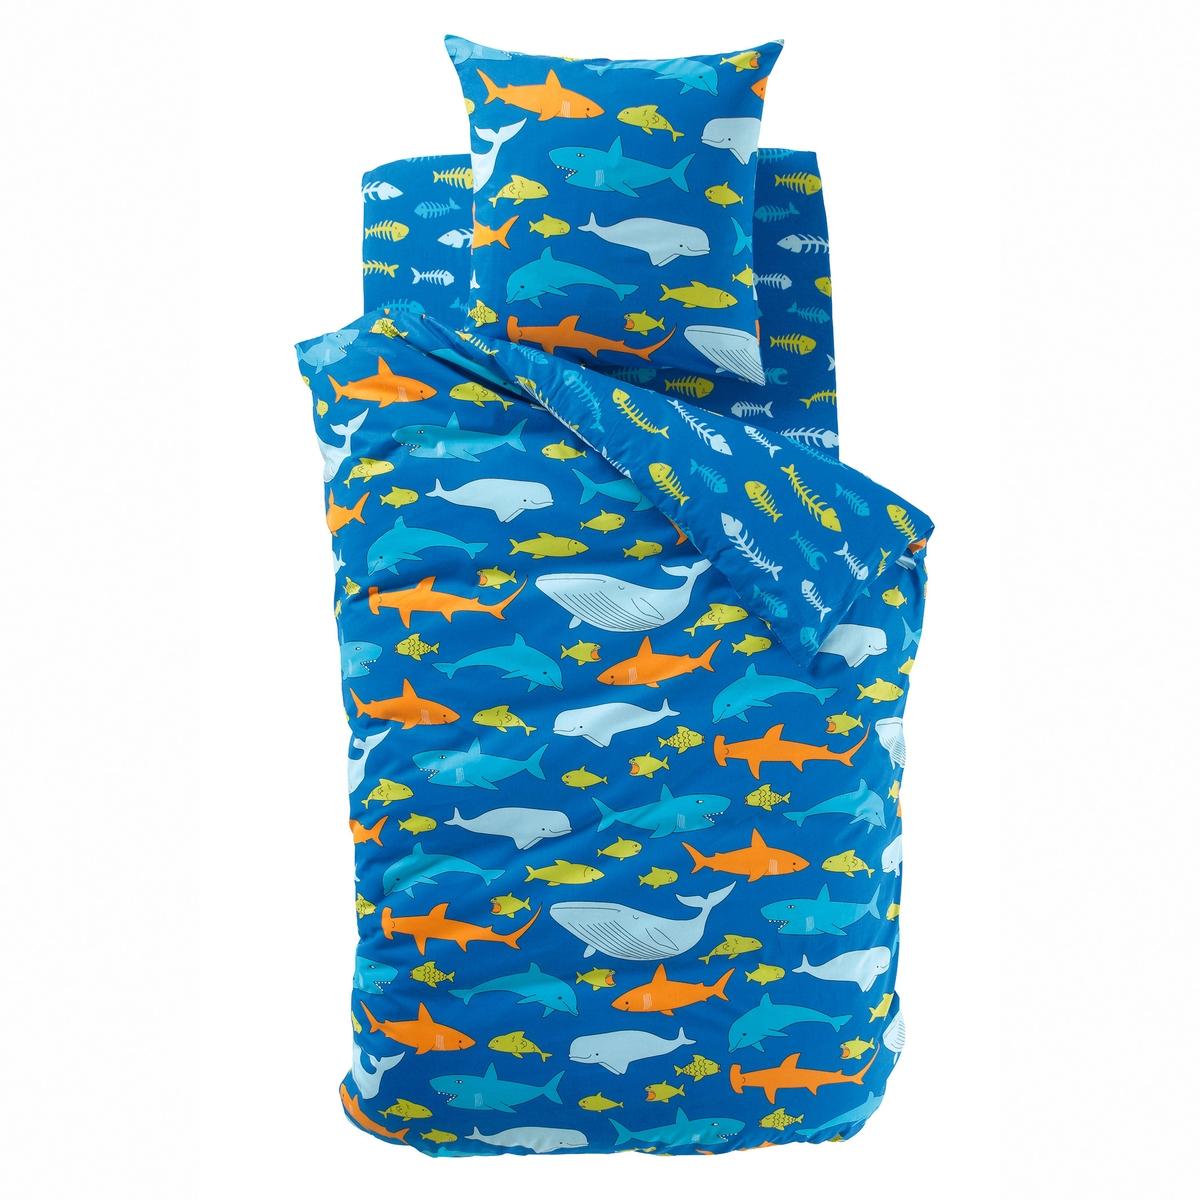 Пододеяльник детский, FISH GANG, 100% хлопка